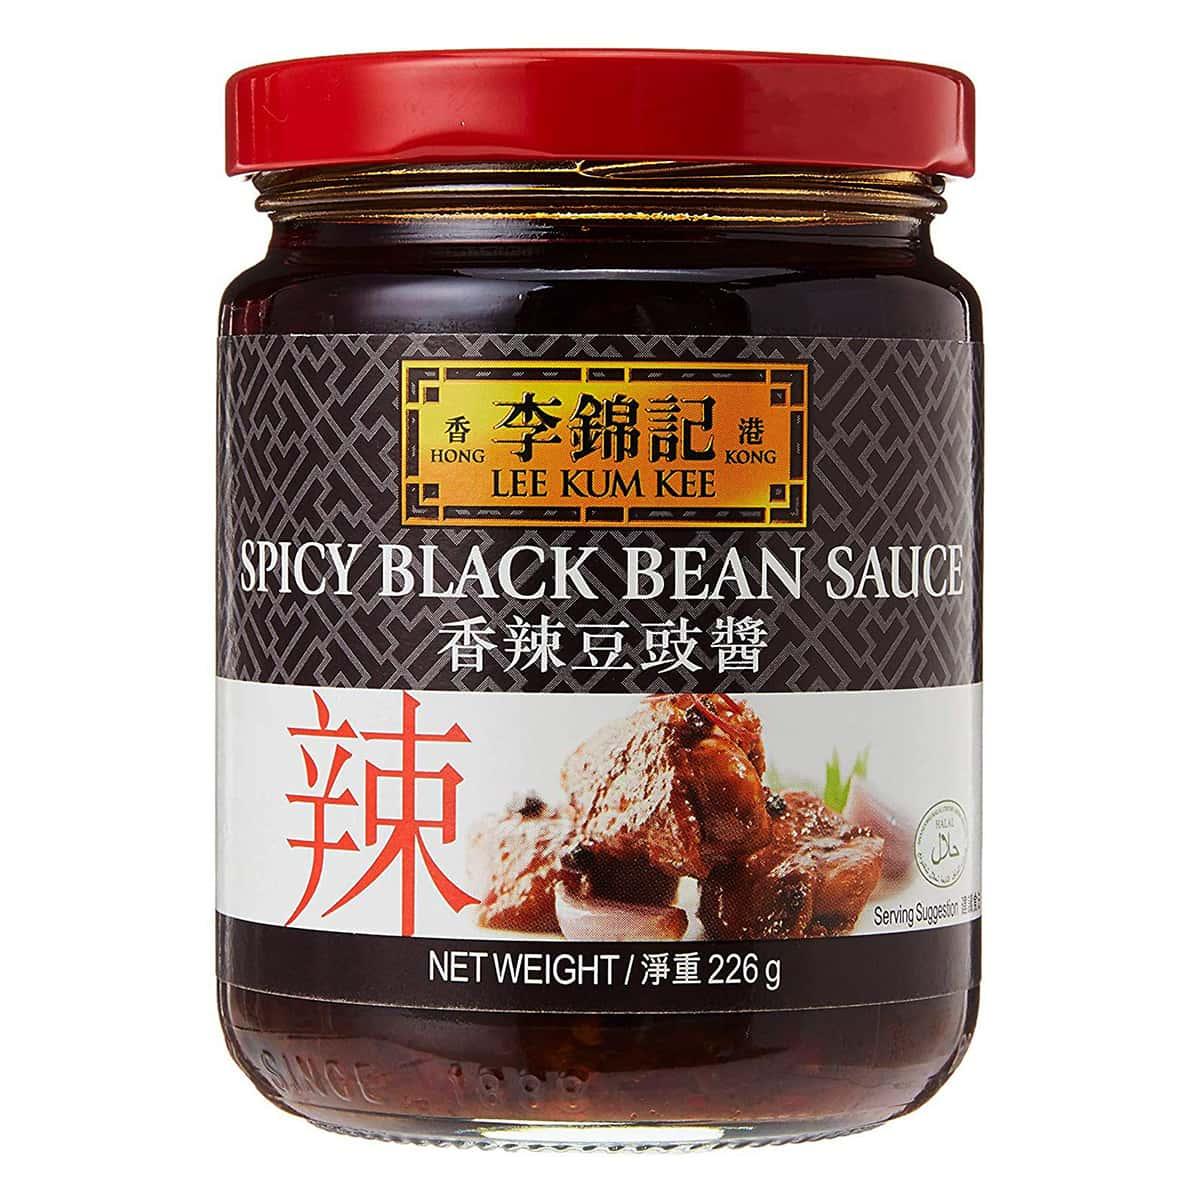 Buy Lee Kum Kee Spicy Black Bean Sauce - 226 gm